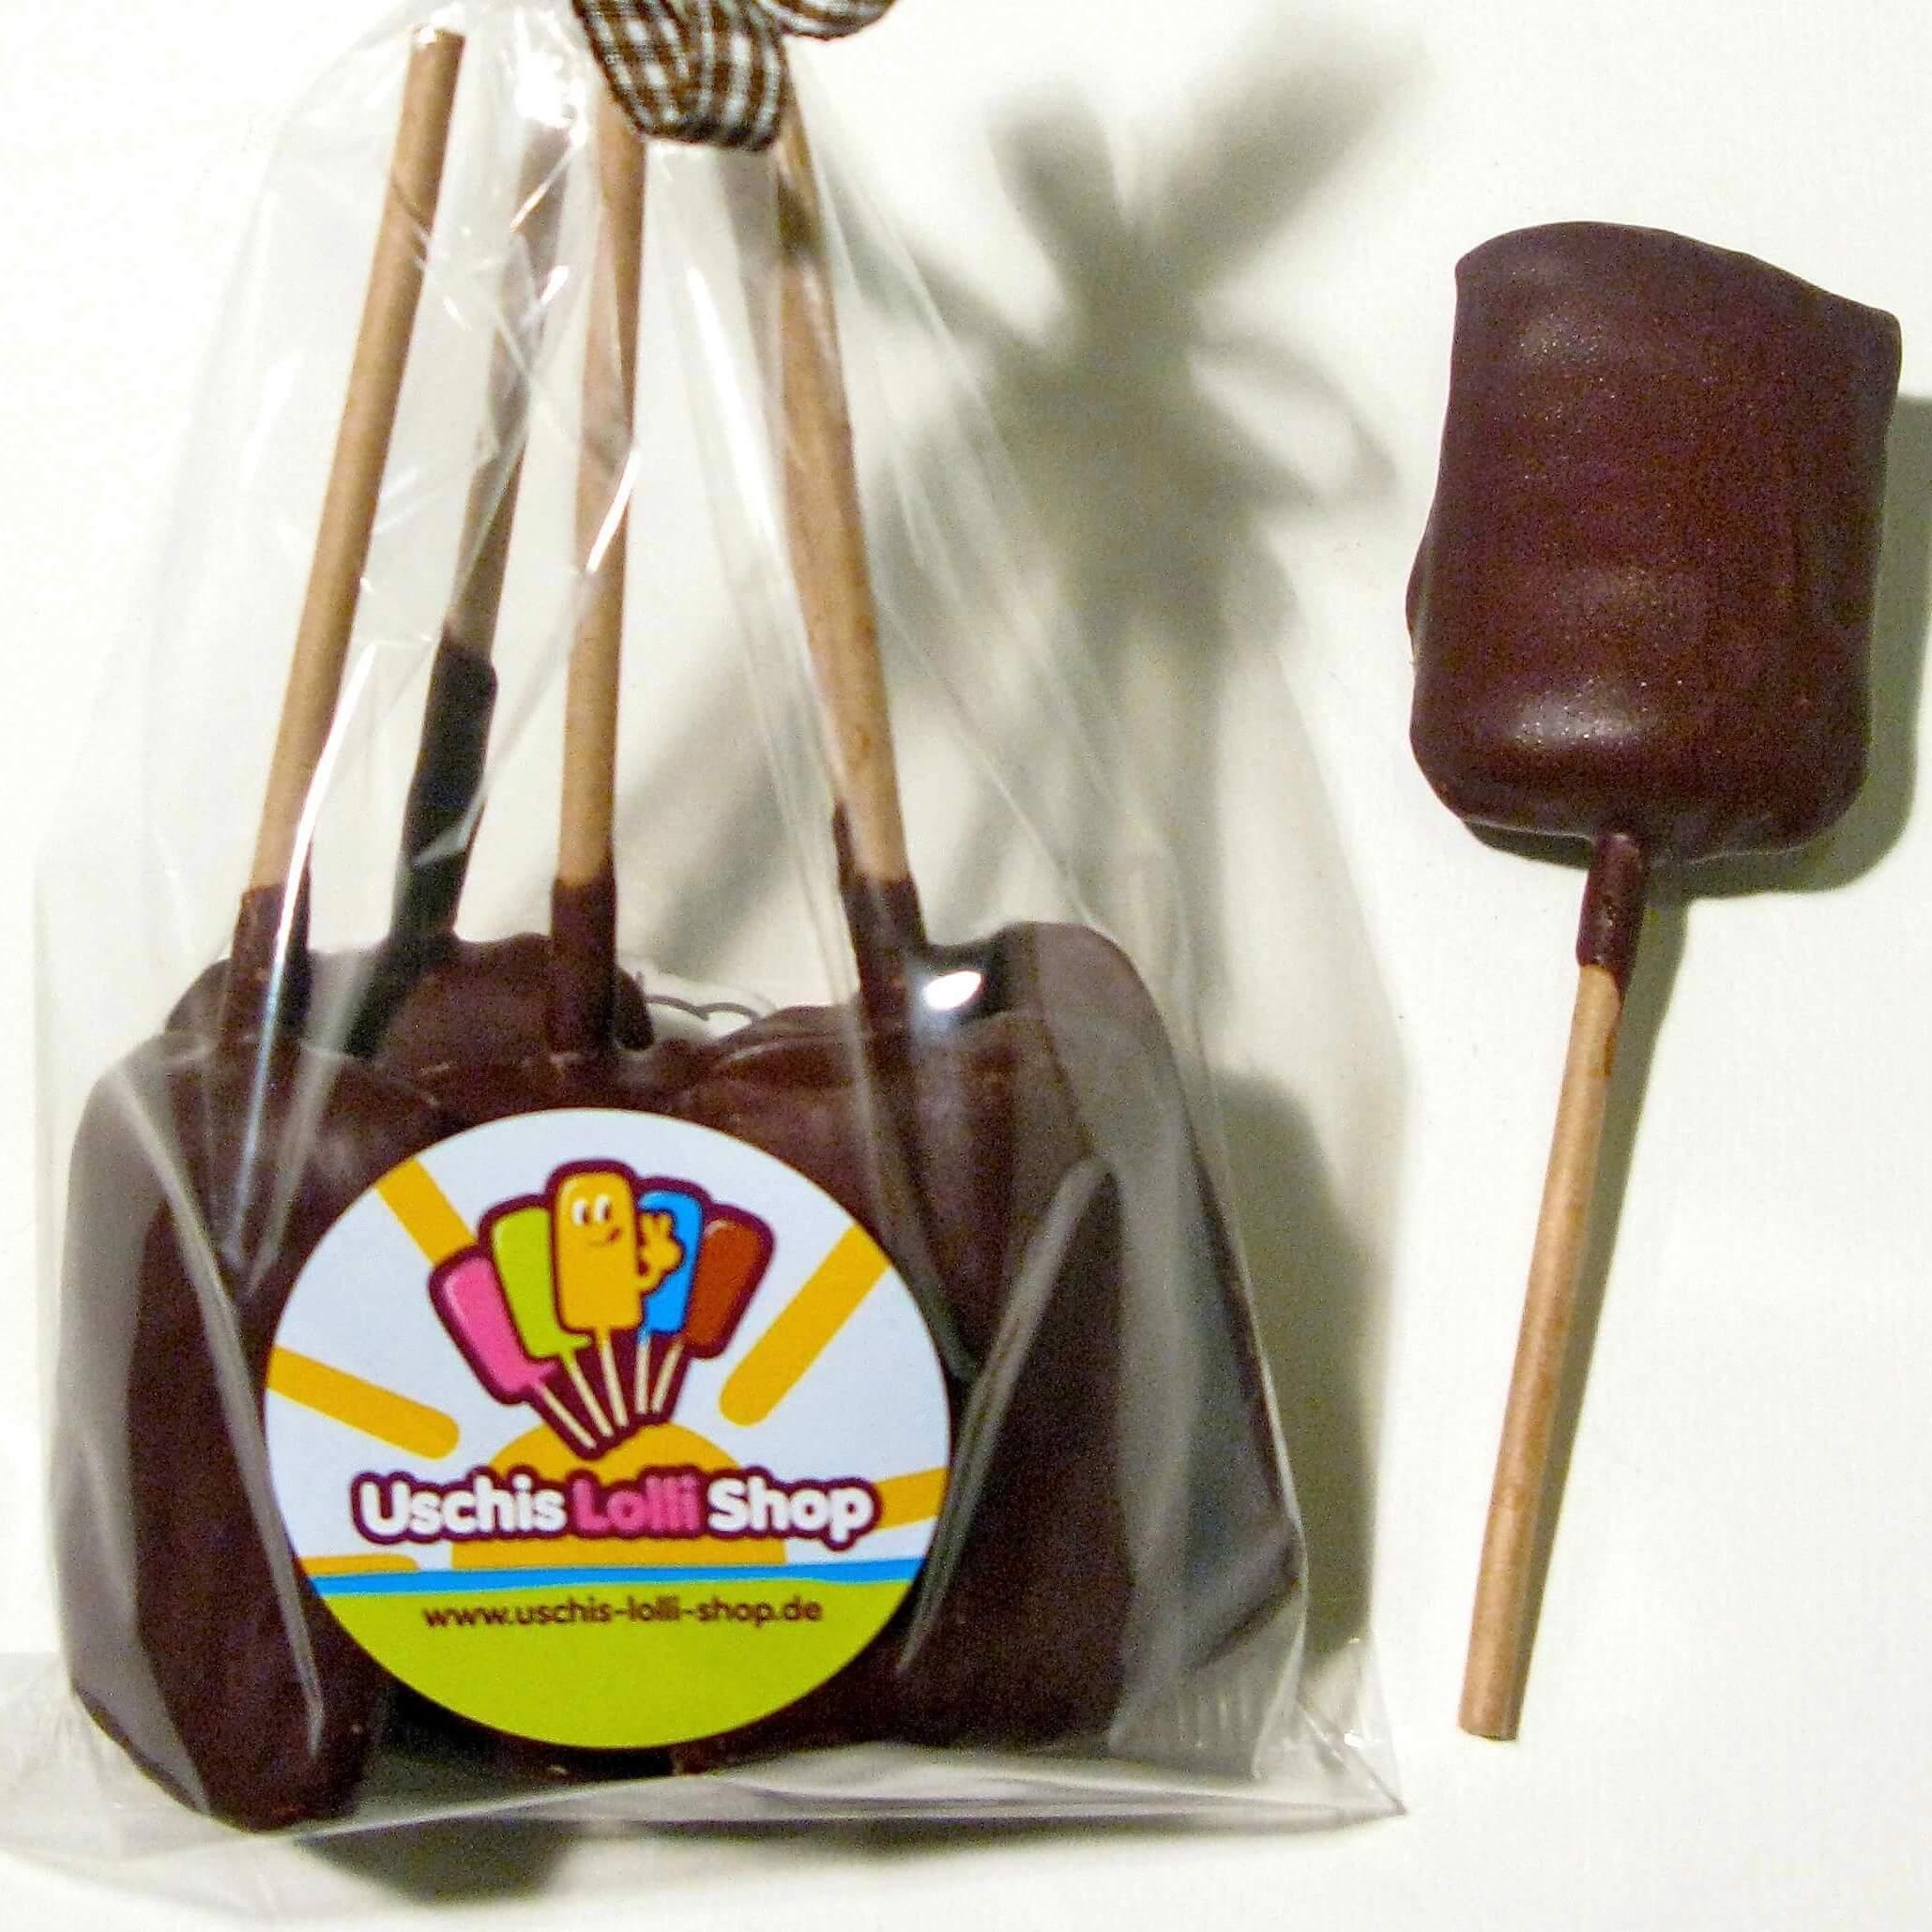 Lollis Salmiak Zartbitter Schokolade Uschis-Lolli-Shop